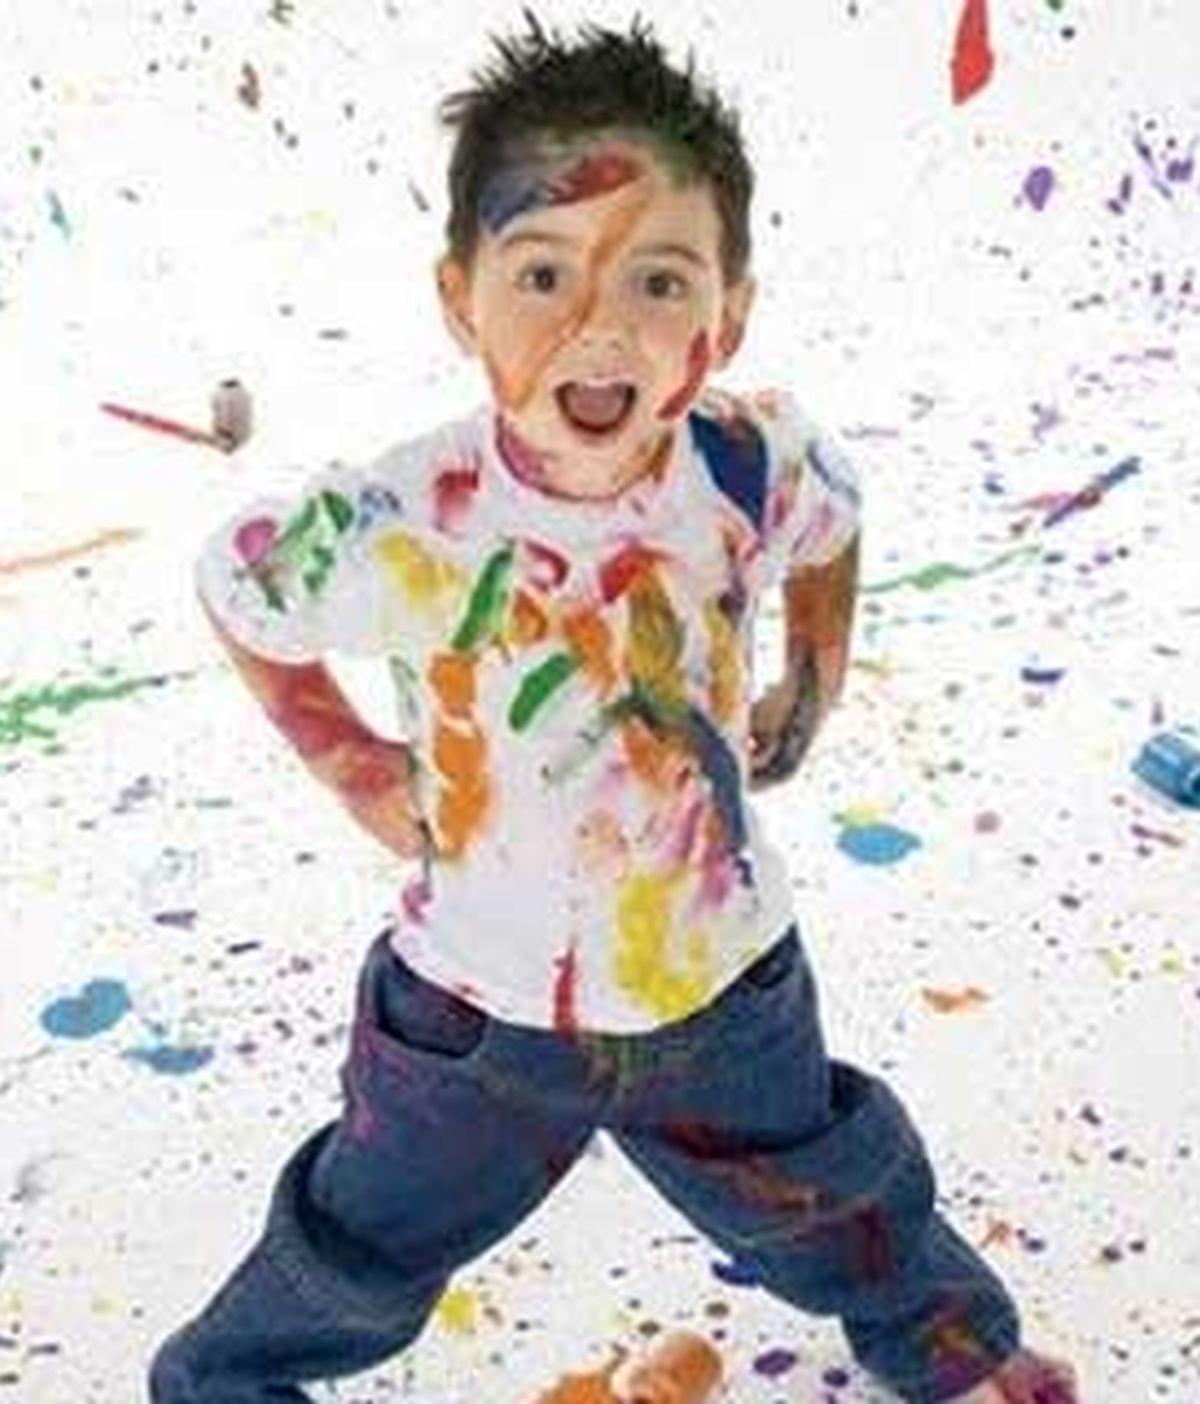 Un estudio ha descubierto que los niños demasiado limpios tienen una piel que cicatriza peor.